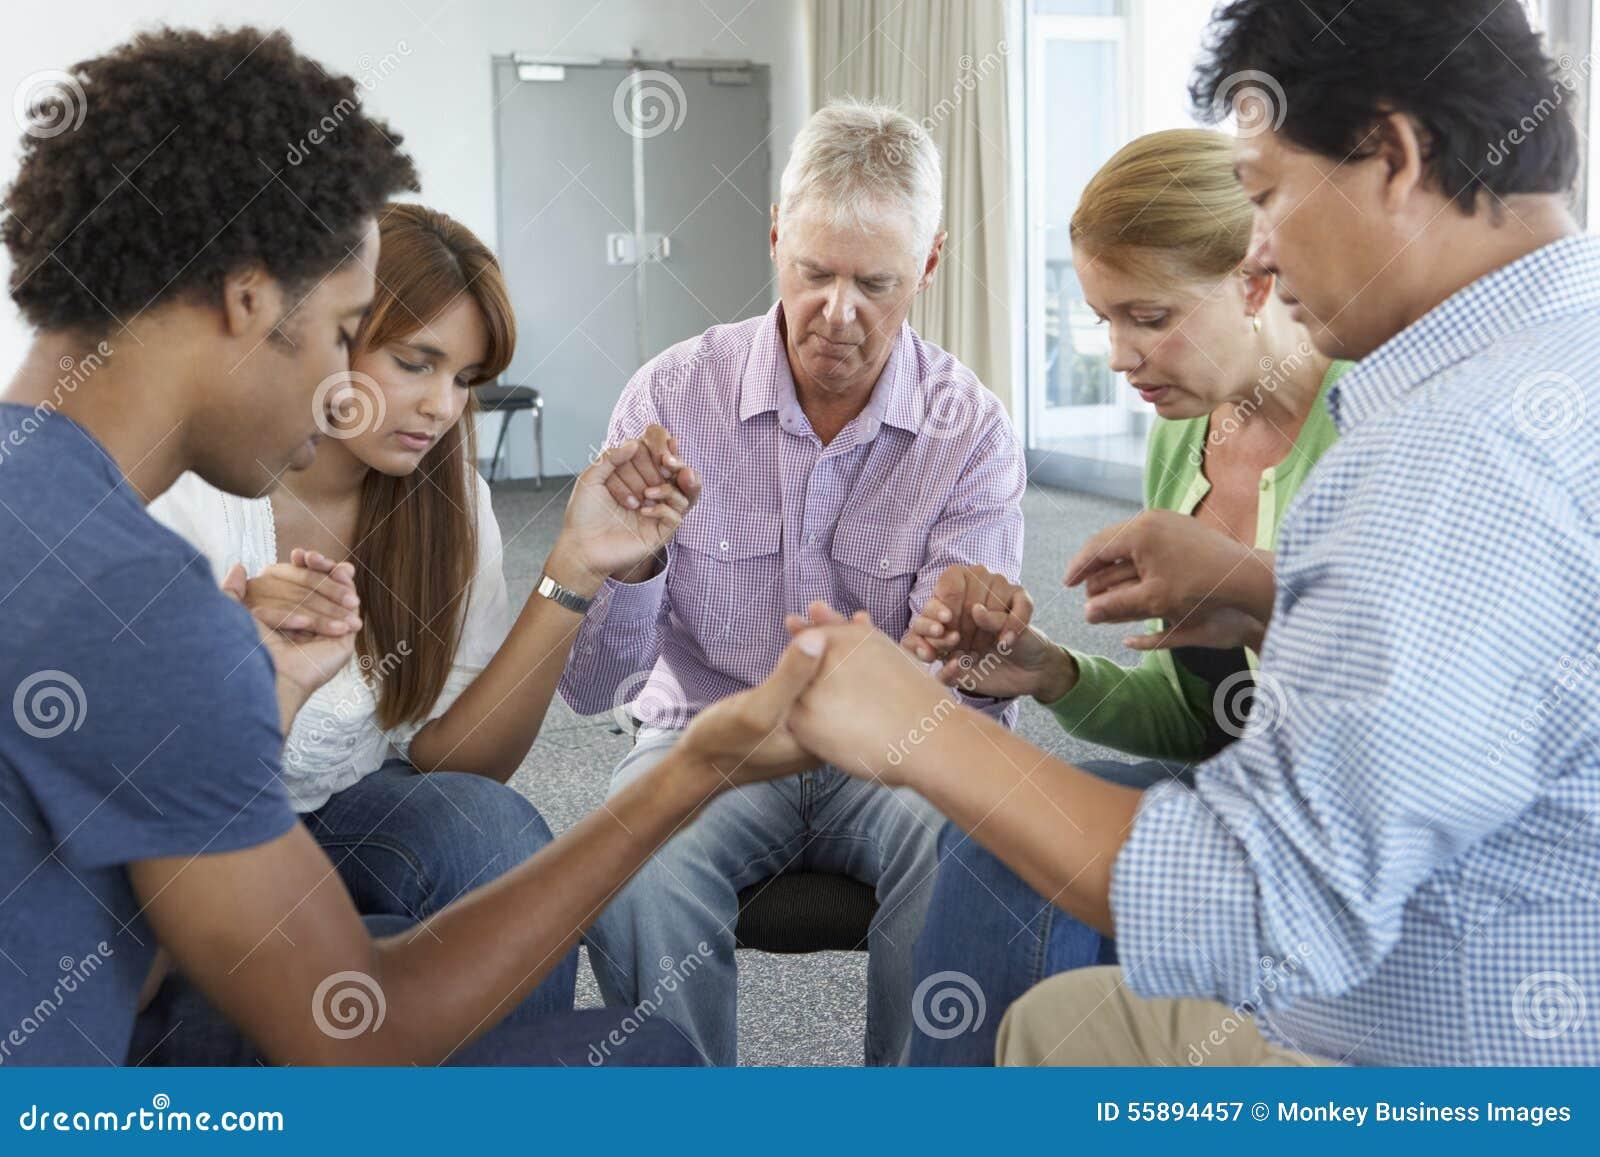 Sitzung der Bibel-Arbeitsgemeinschaft